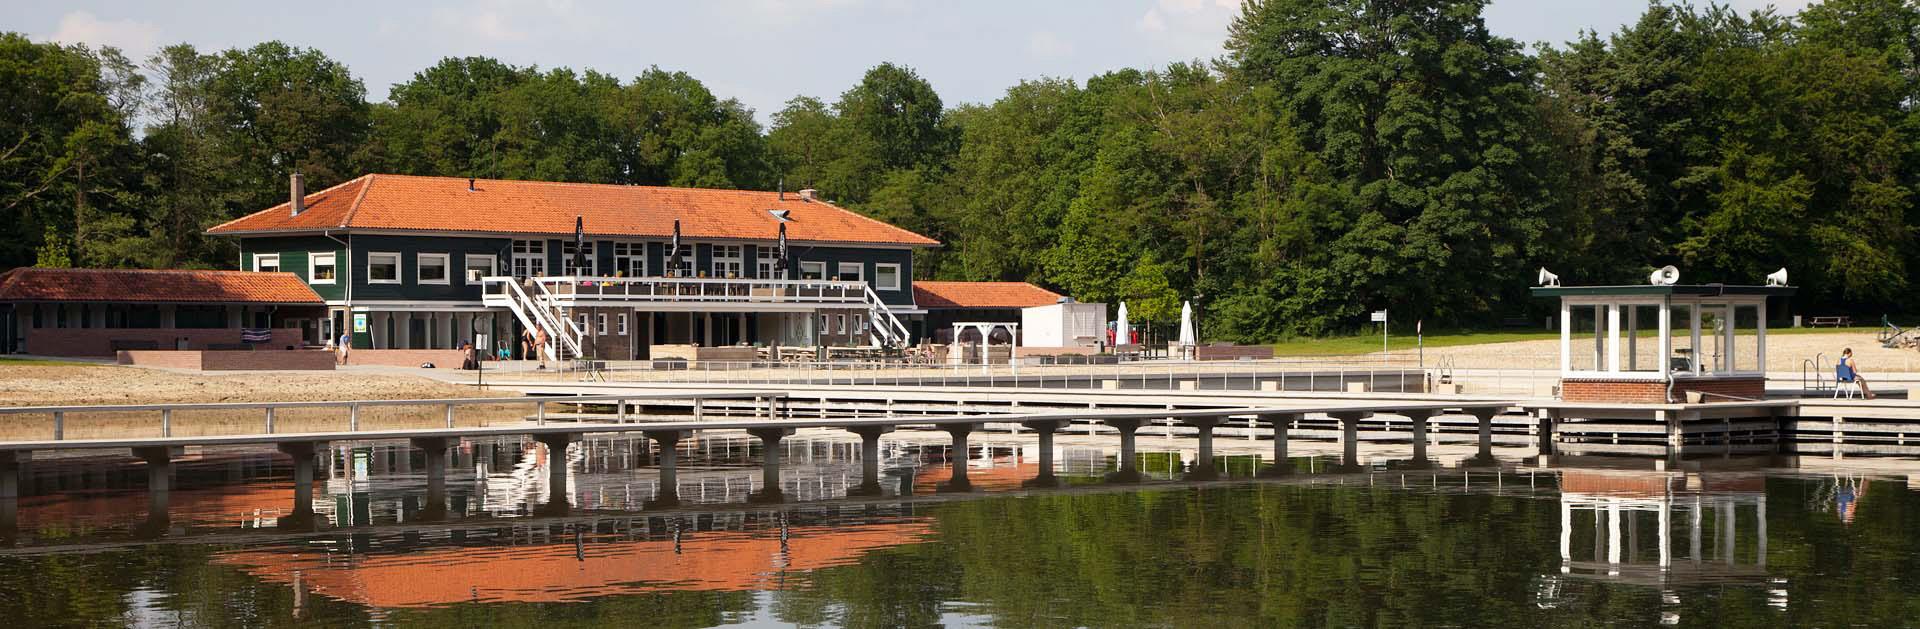 Zwem en openluchtbaden Achterhoek - Liemers